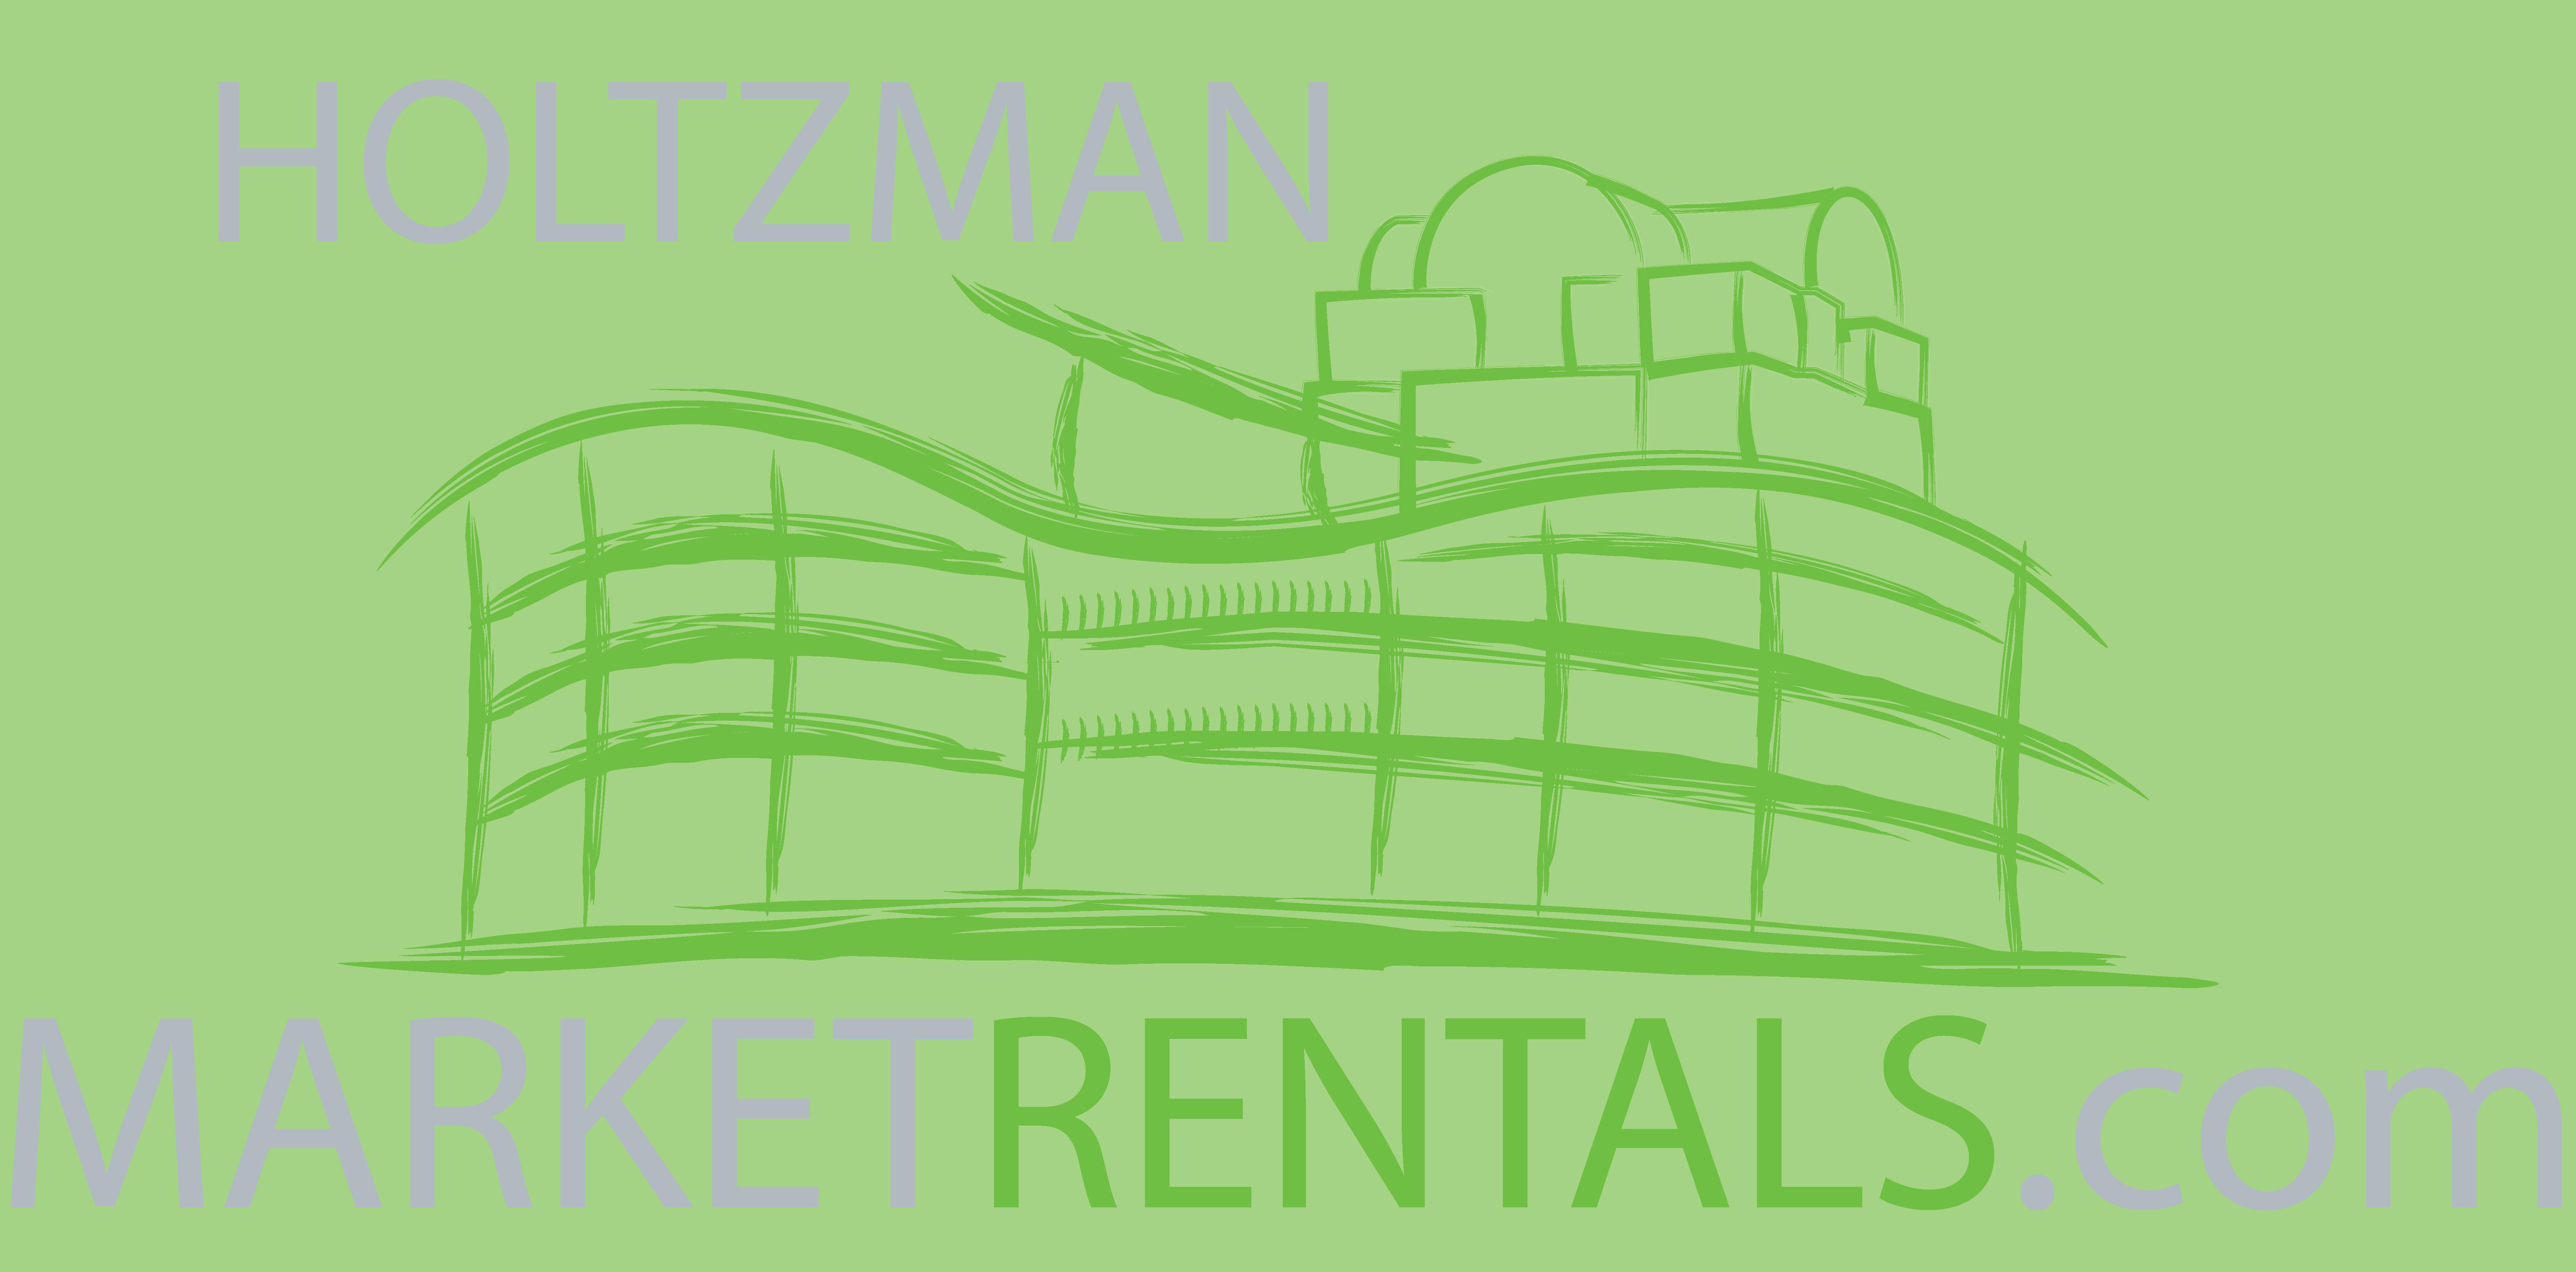 Market Rentals